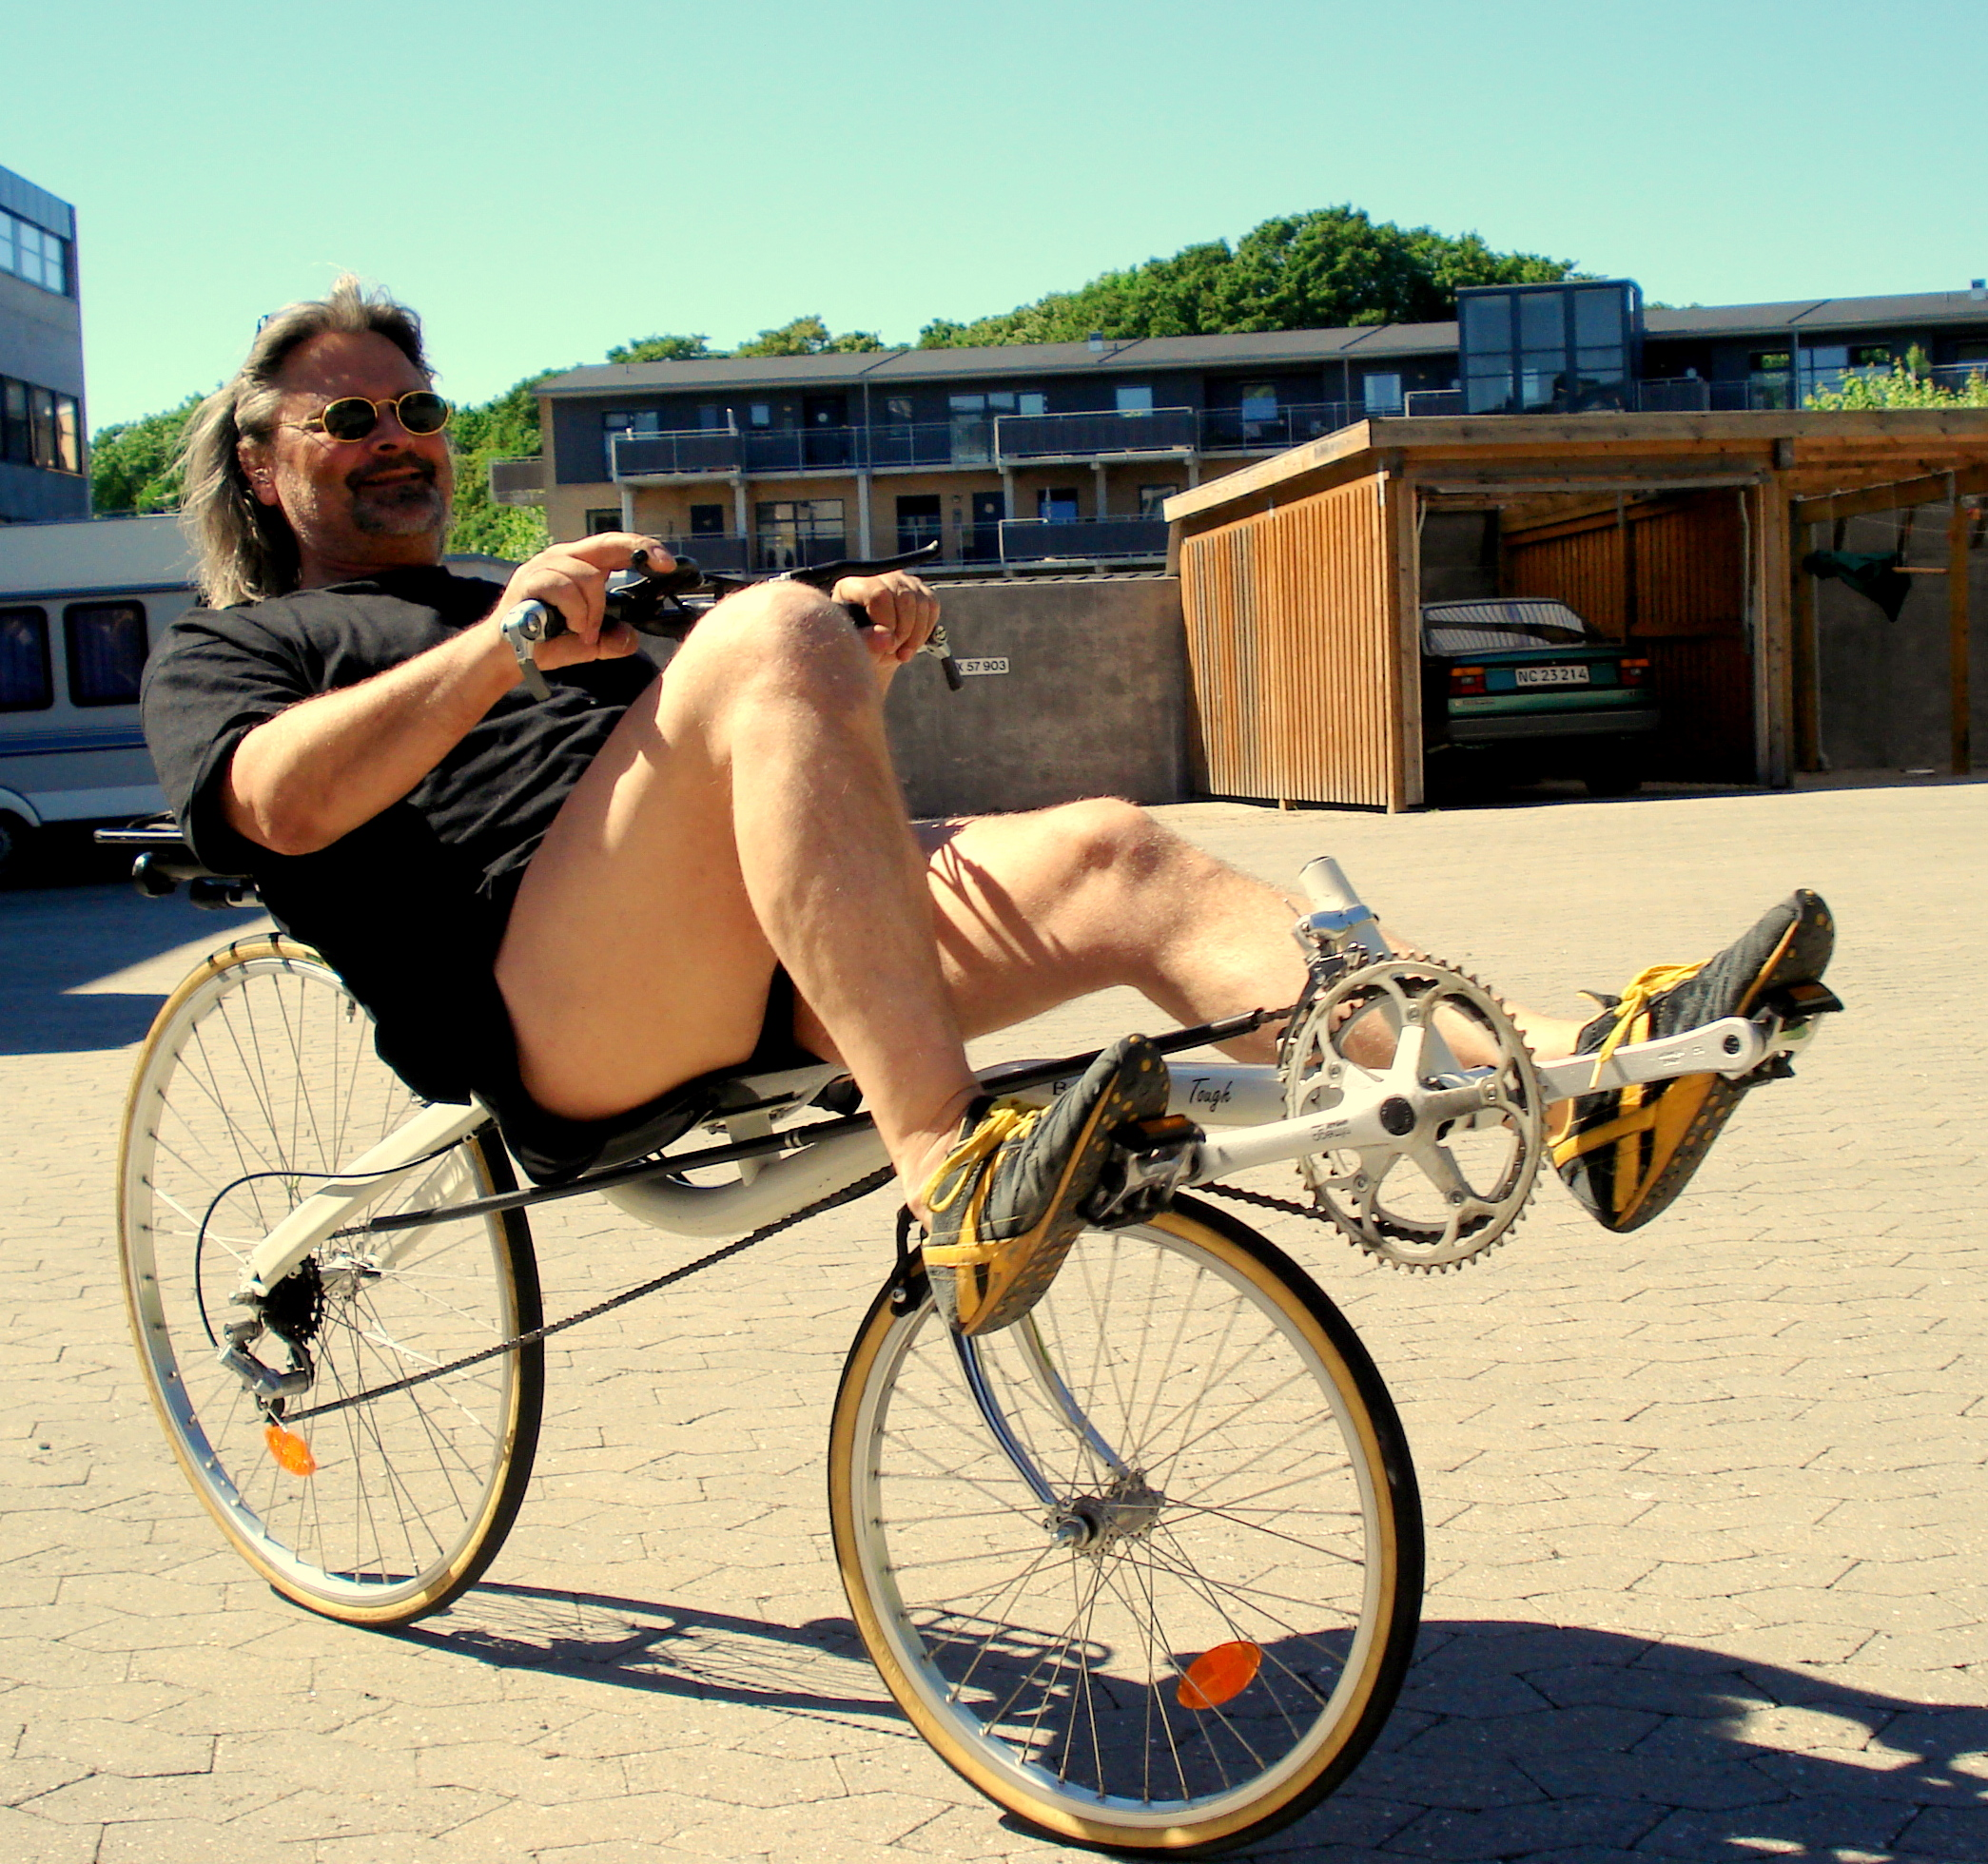 cykling i gården 005.jpg